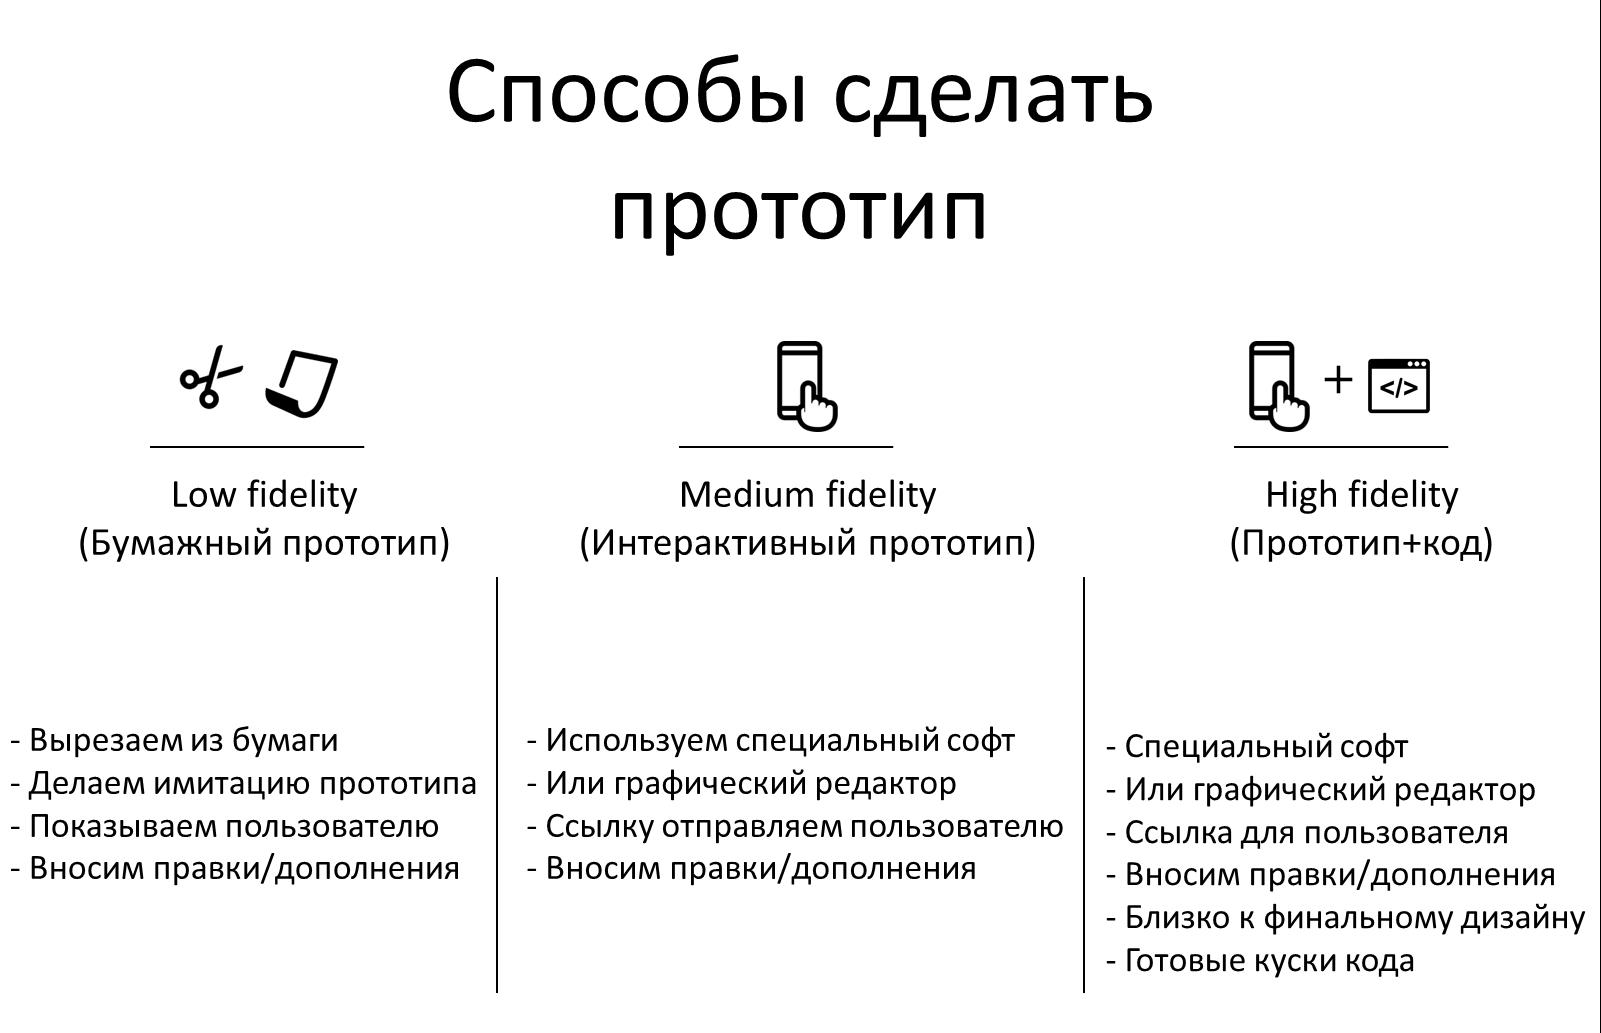 Что такое прототип? прототип в литературе :: syl.ru